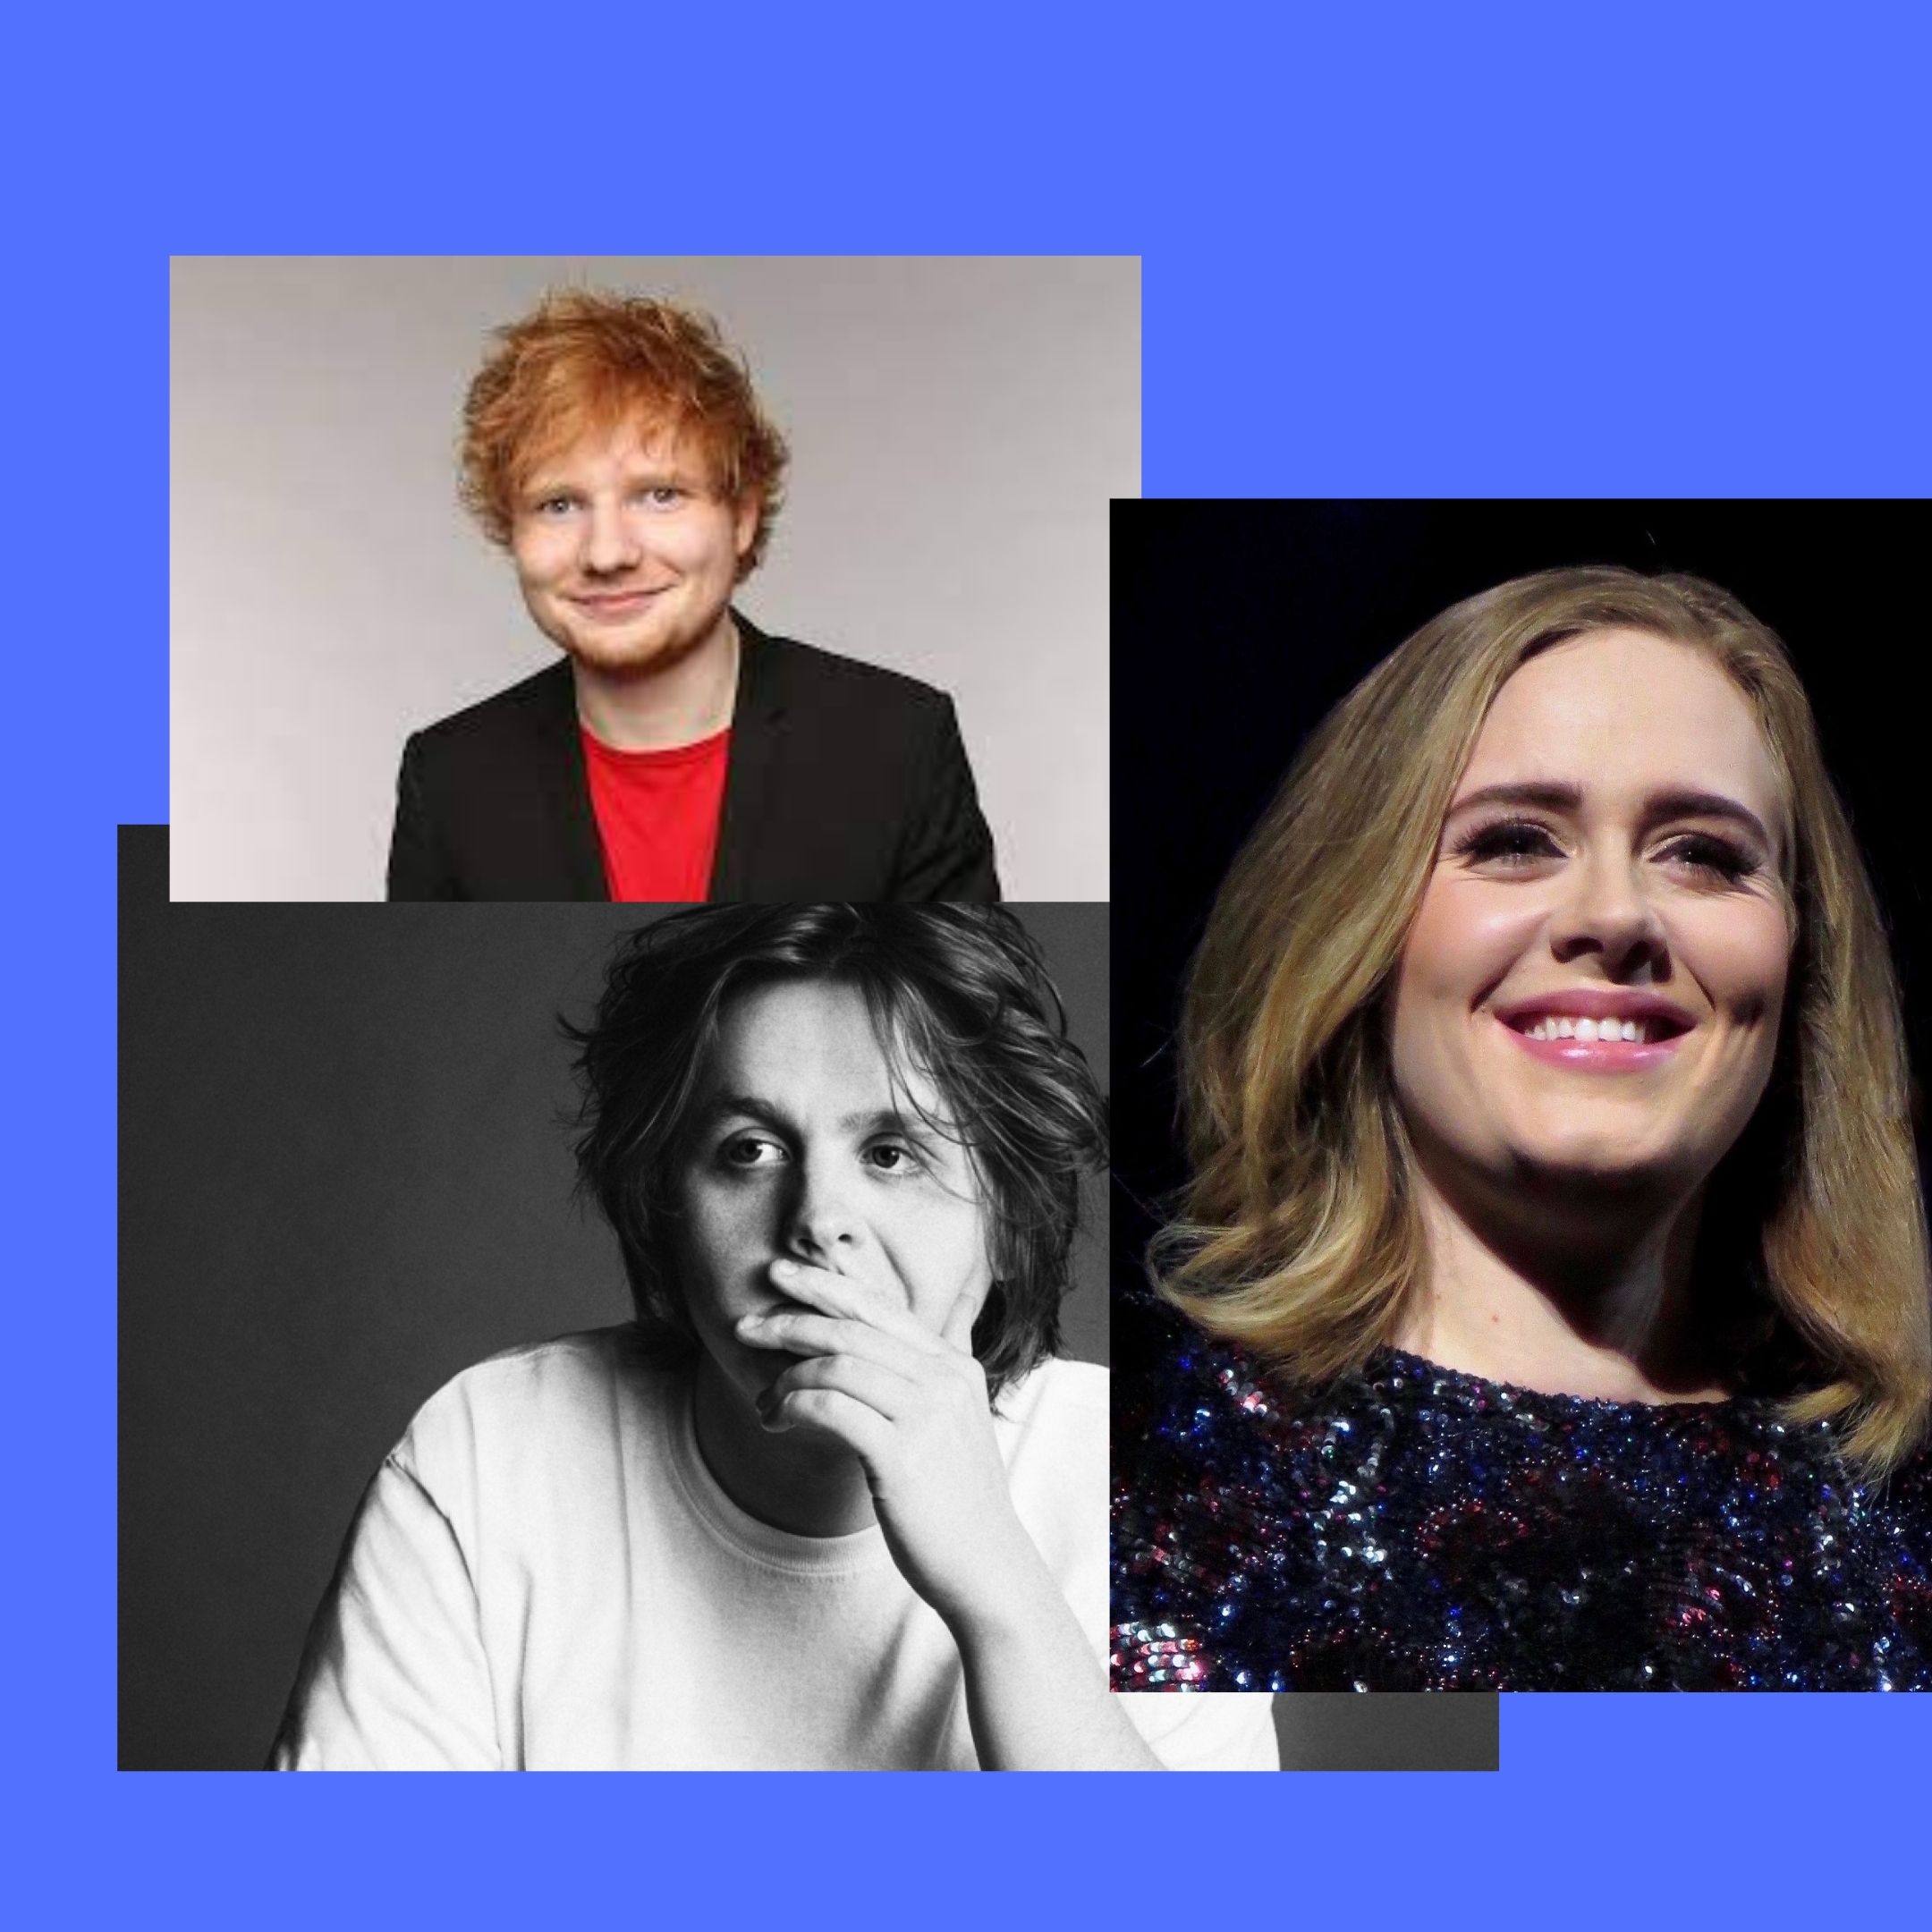 I migliori libri in italiano sulle voci britanniche del momento: Adele, Ed Sheeran e Lewis Capaldi